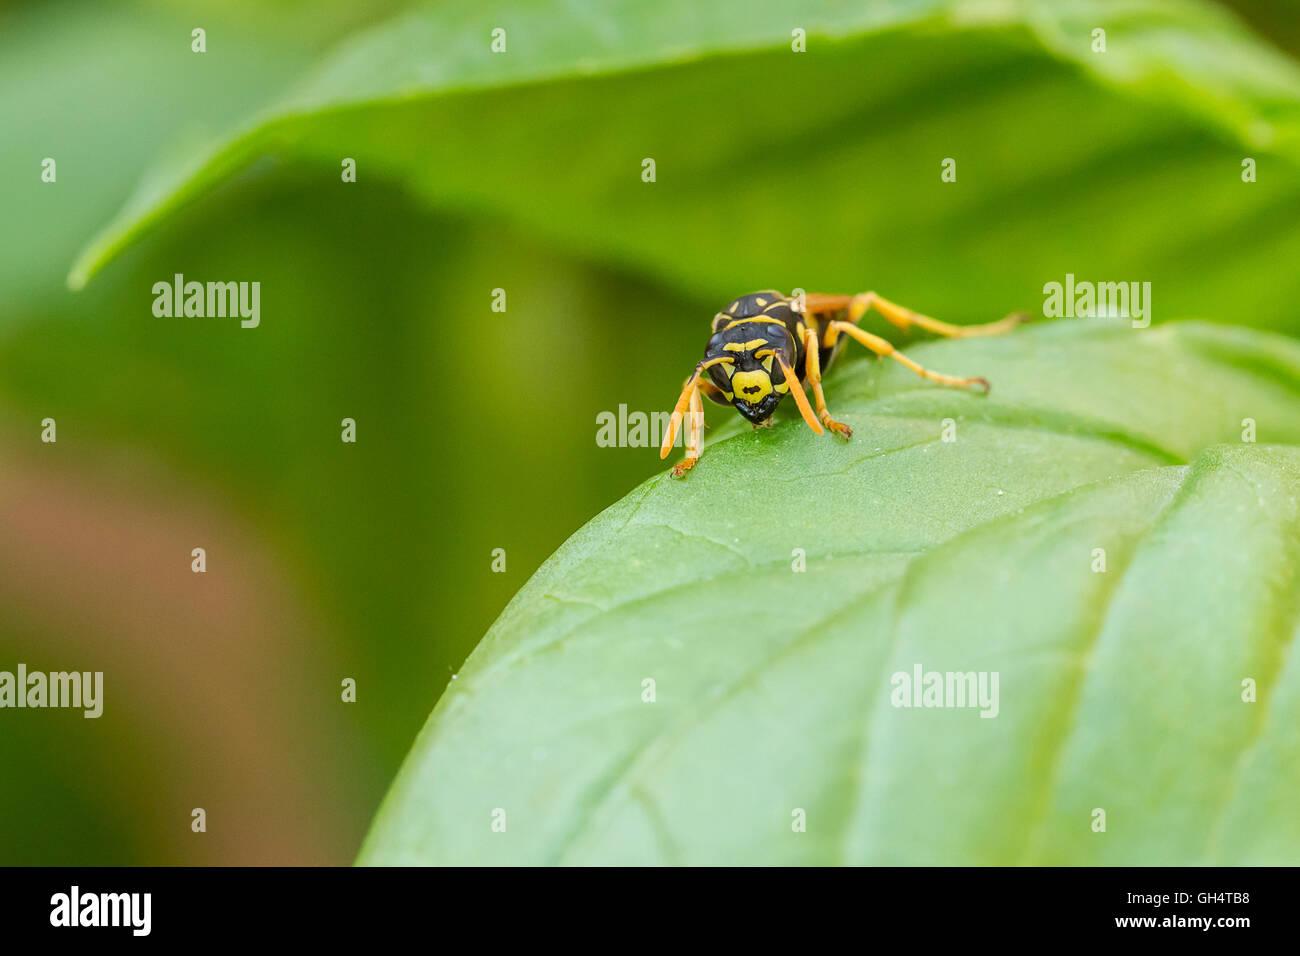 Wespe auf Blatt - Stock Image